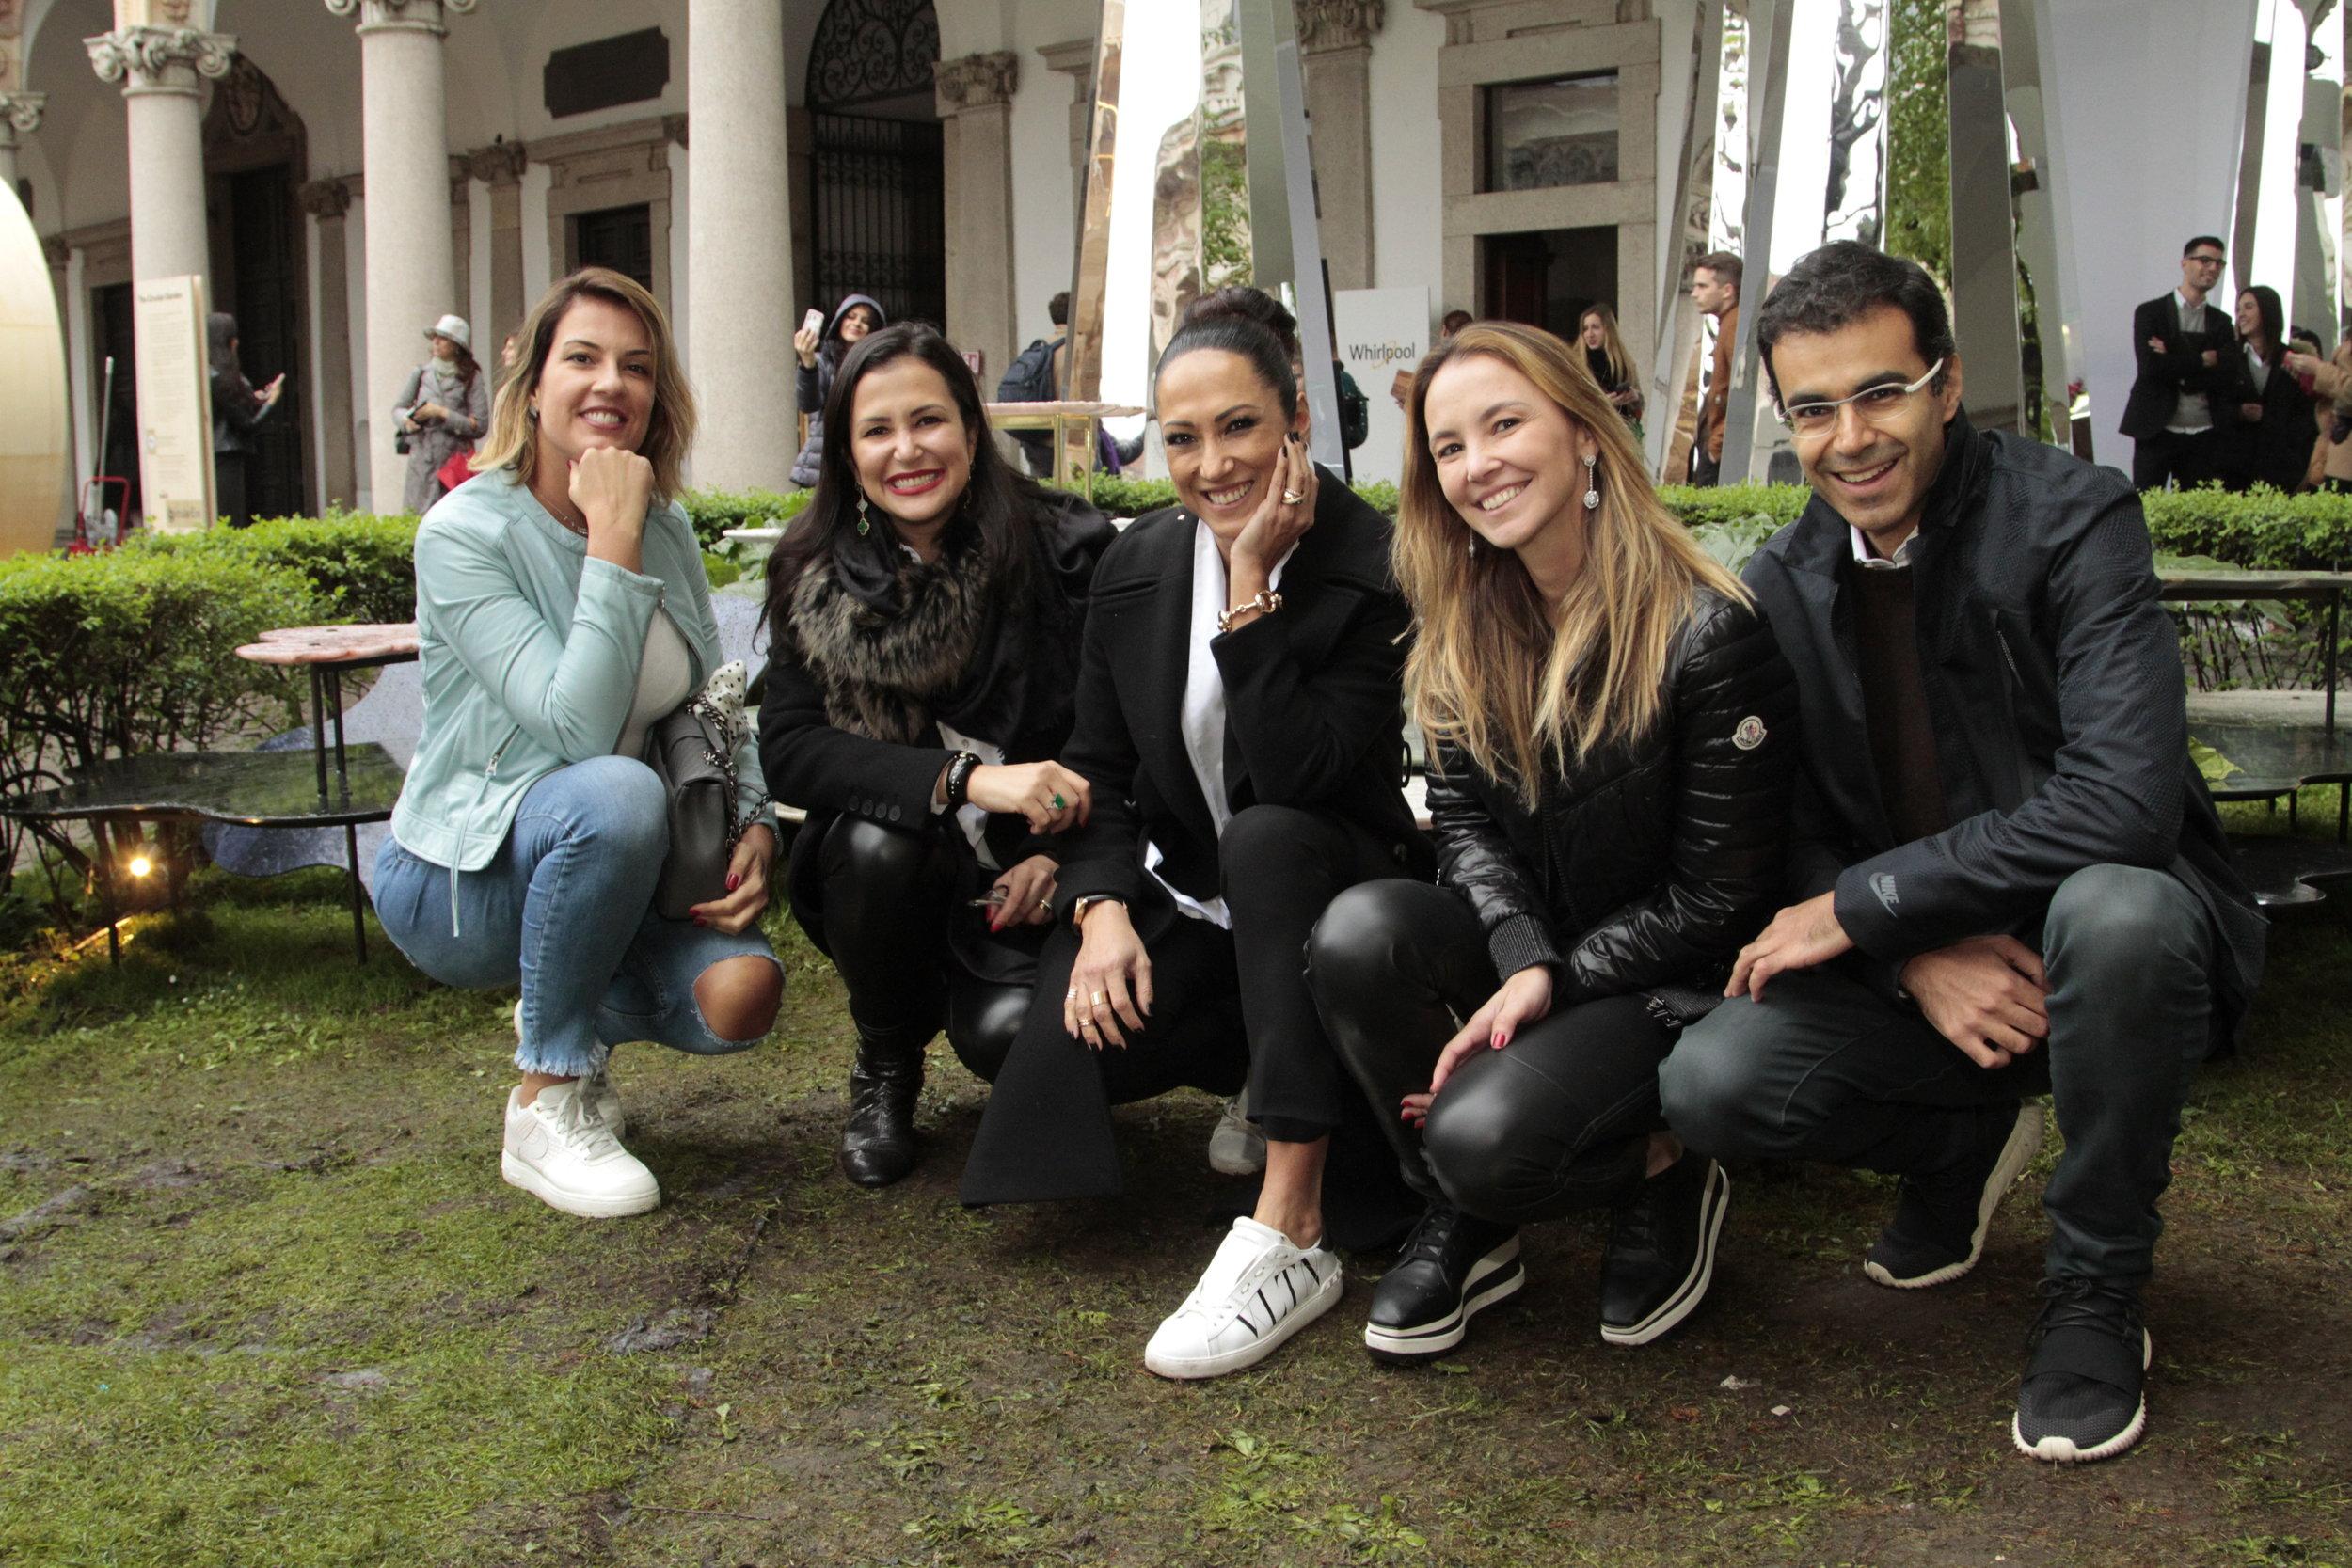 Renata Malenza, Vivian Coser, Katy Satto, Erika Coser e Ricardo Saad